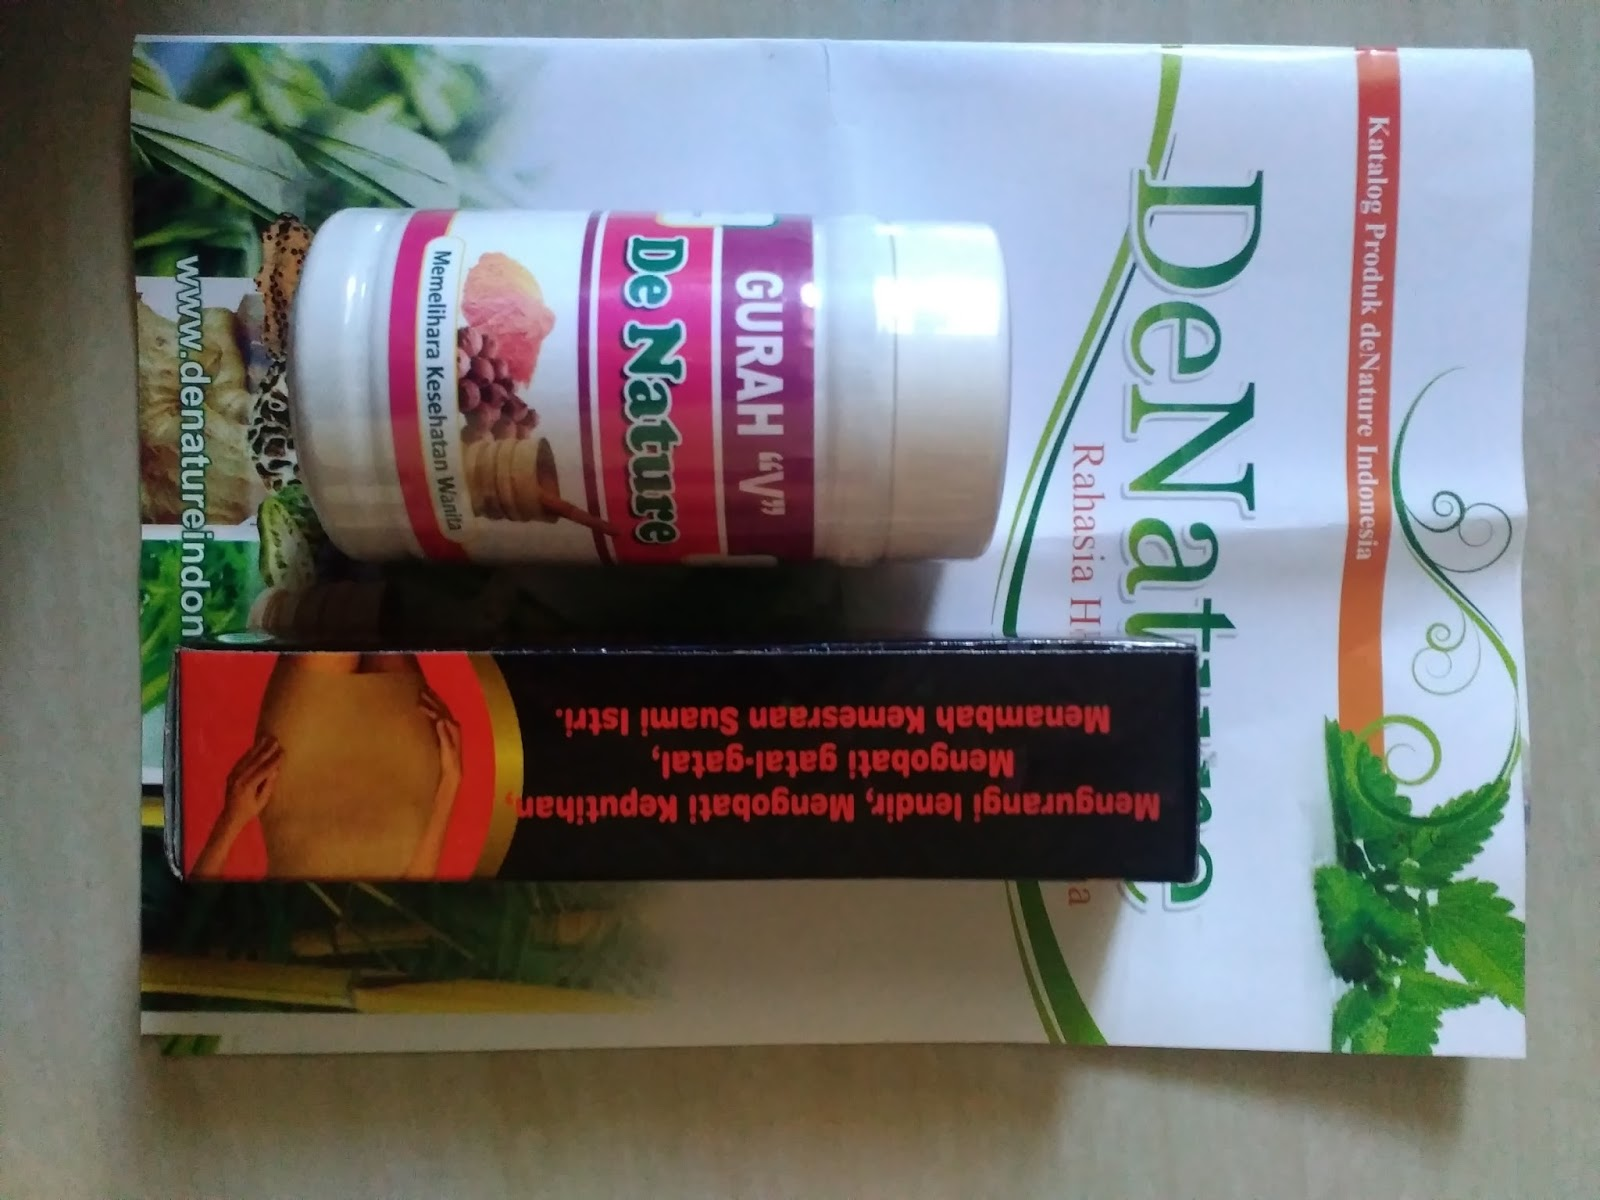 obat herbal keputihan dan bau tidak sedap